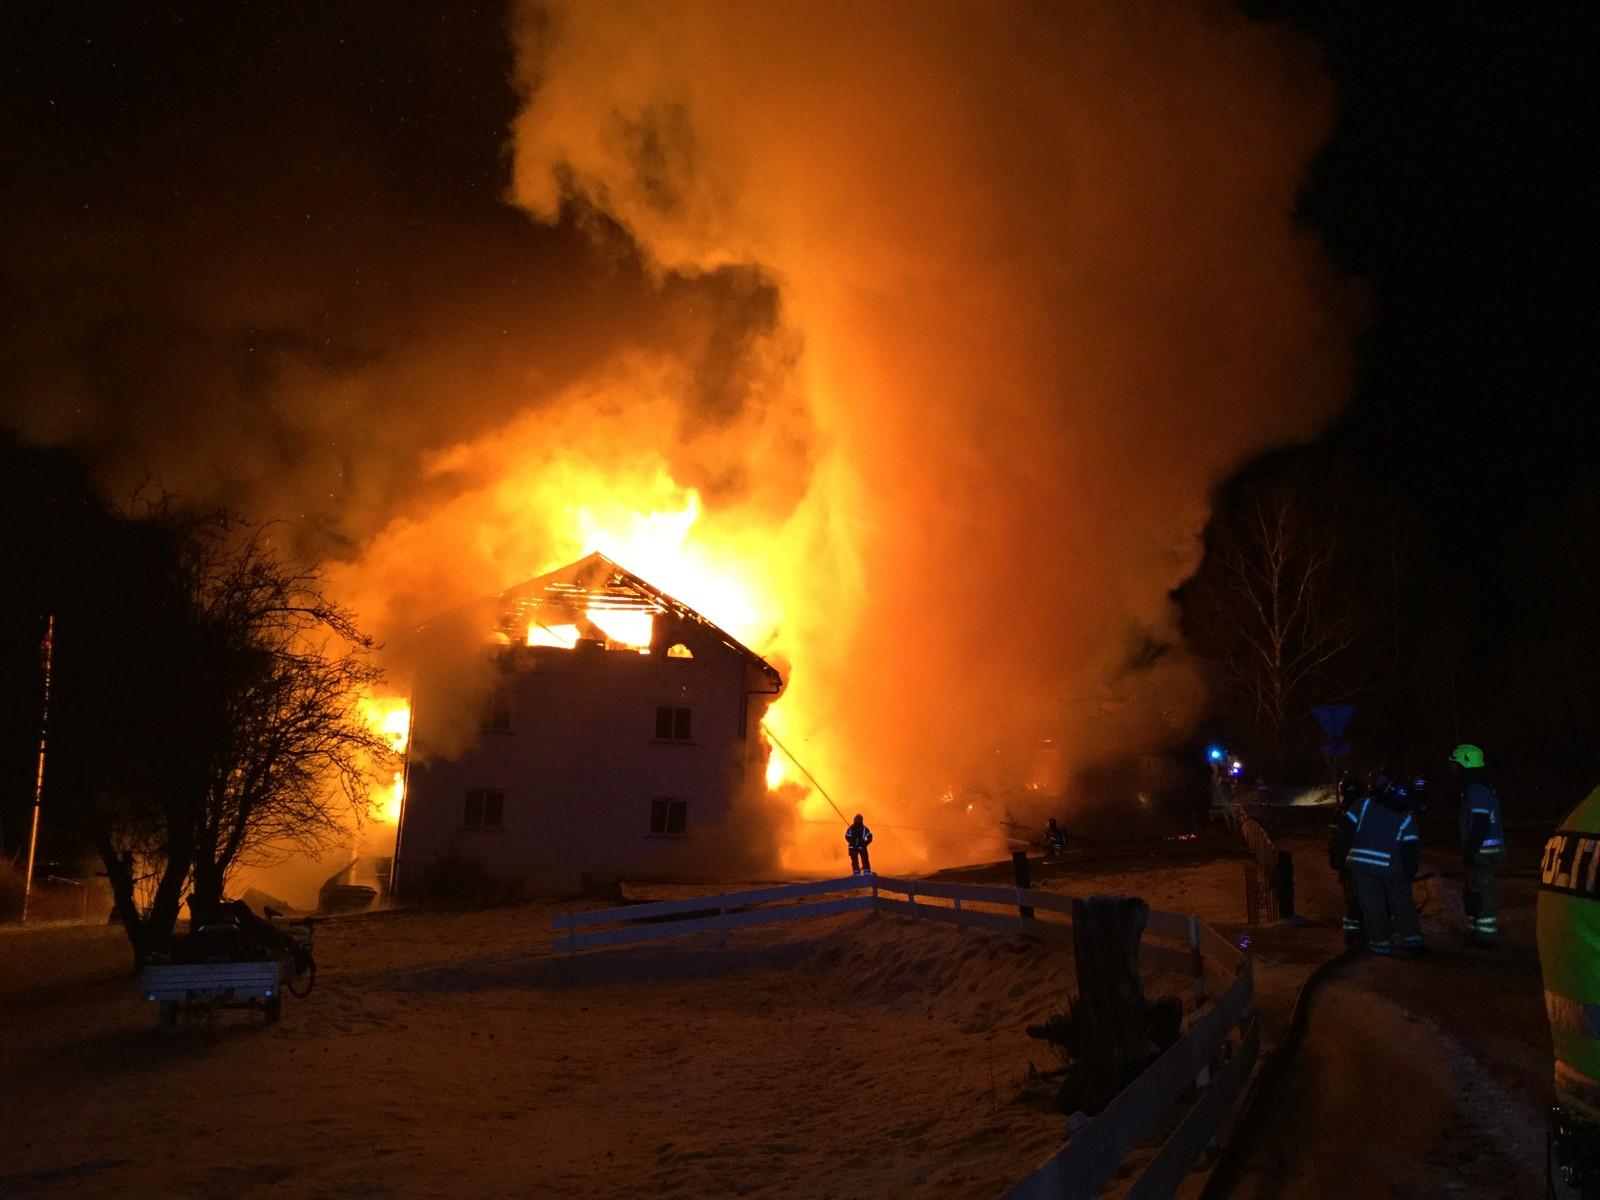 Huset som brant var et tidligere meieri, bygget om til leiligheter.